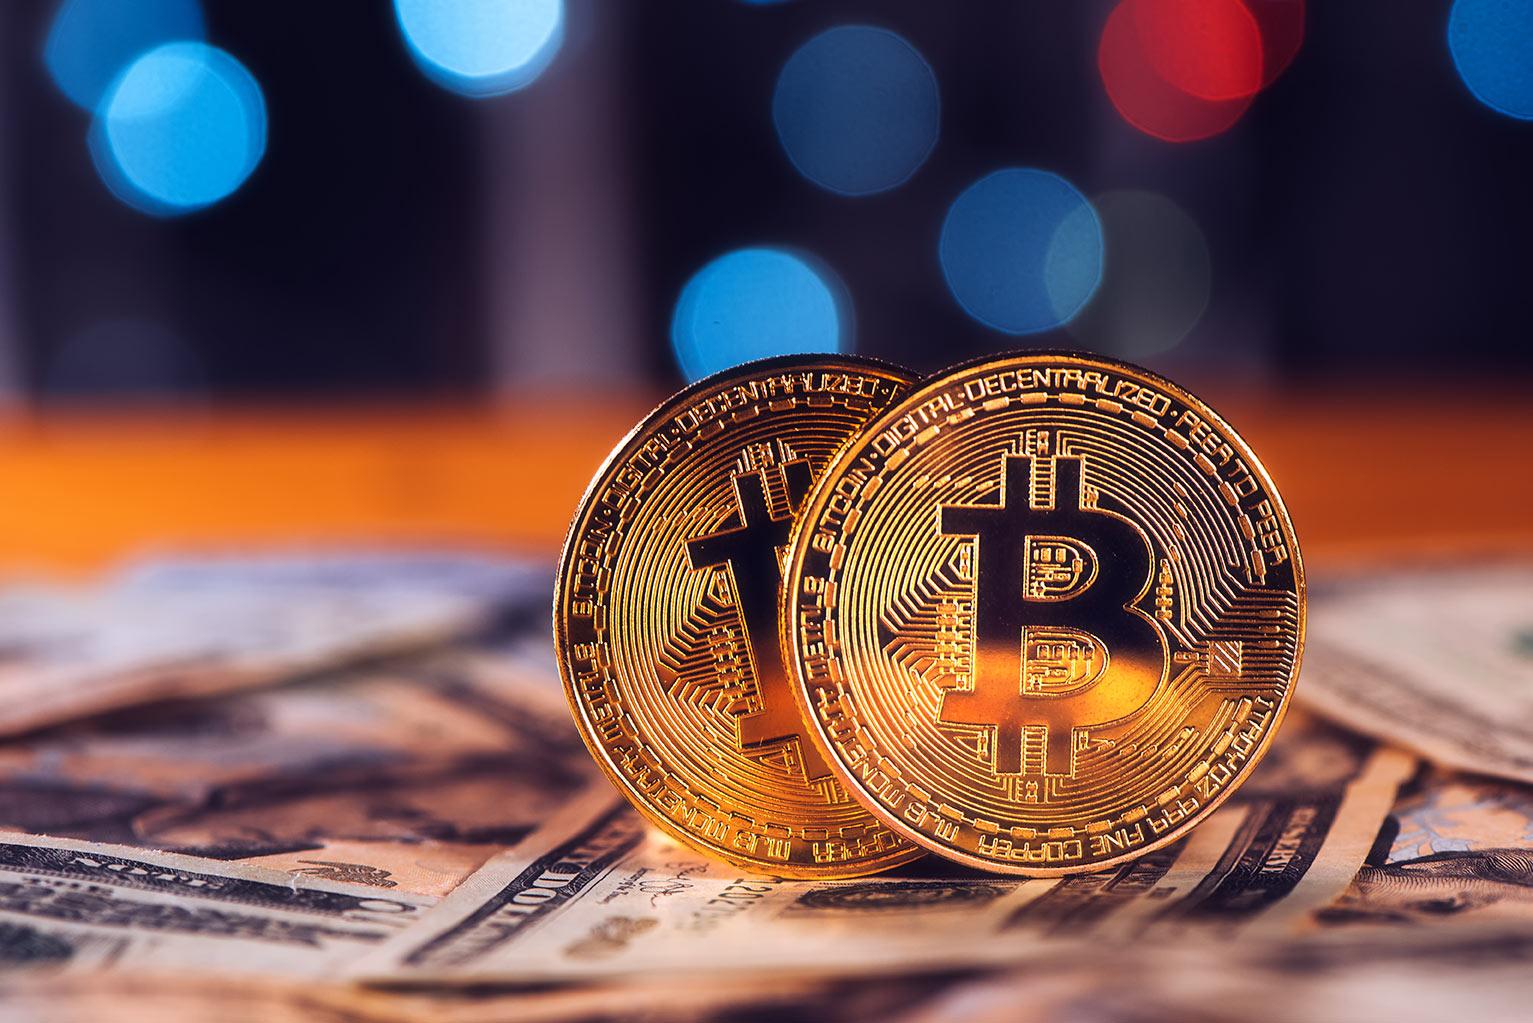 Endişeleri Giderecek 3 Faktör Kontrolün Bitcoin BTC Boğaların Elinde Olduğunu Gösteriyor